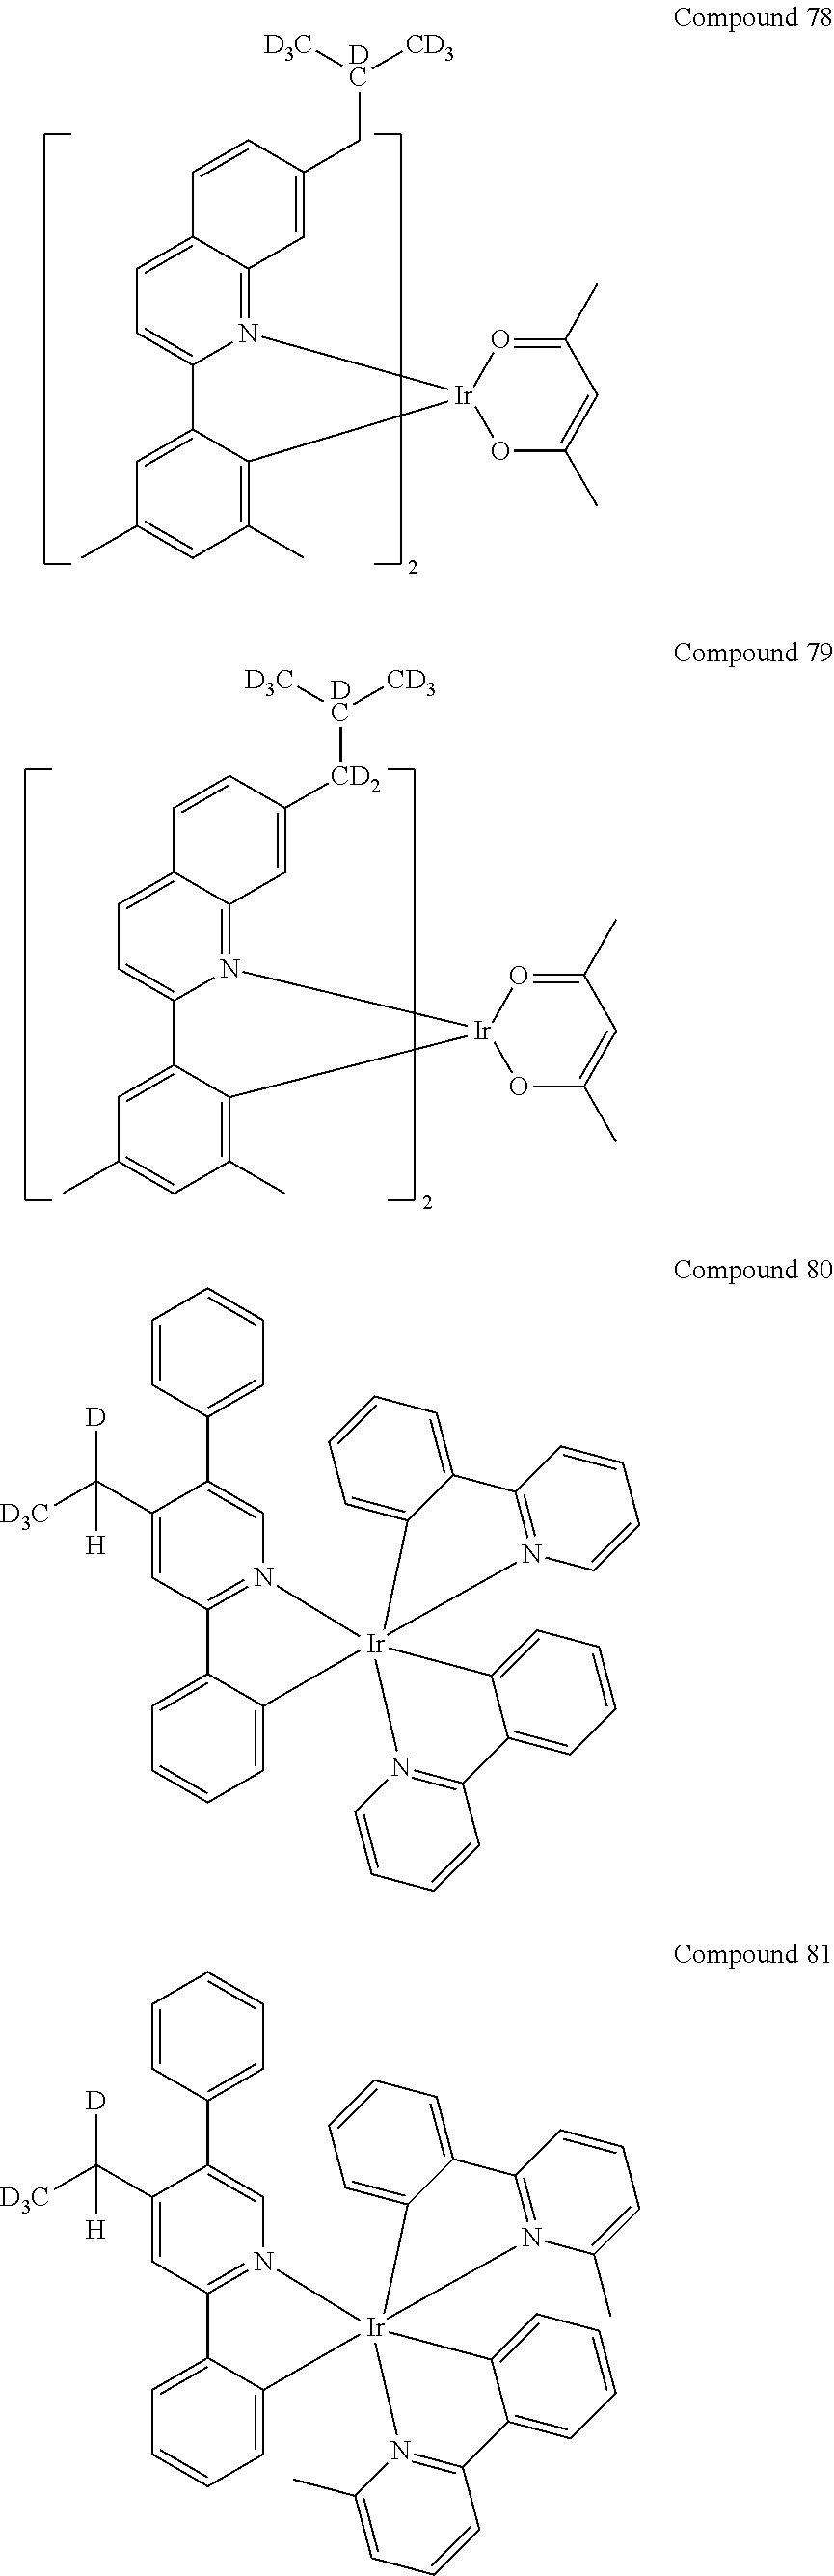 Figure US20100270916A1-20101028-C00230